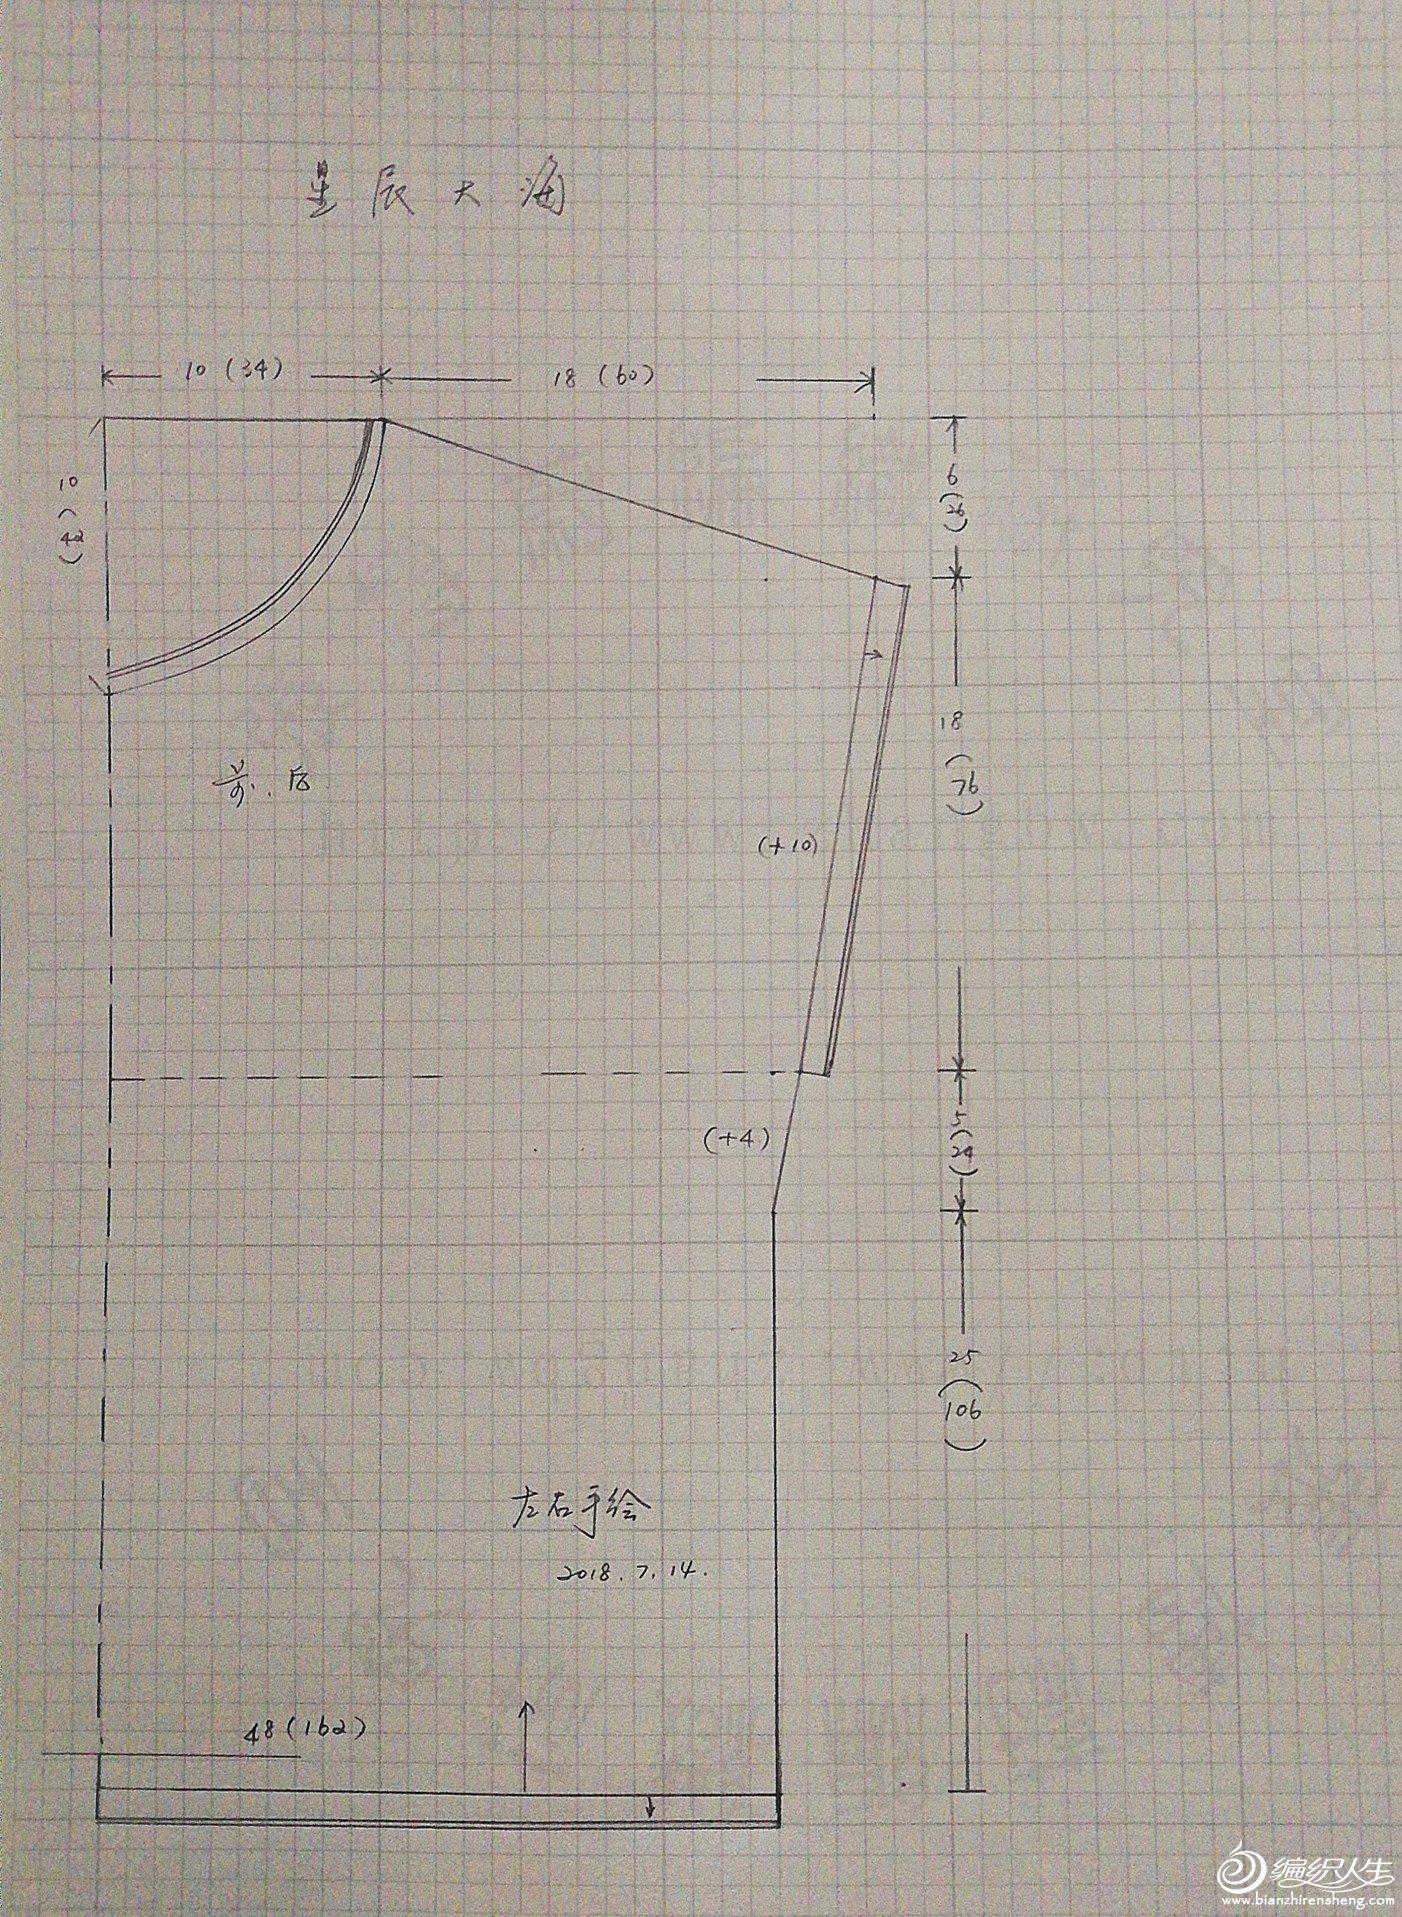 手绘图解是在张博蔚老师那里学了5天编织本科班之后的习作,使用的是